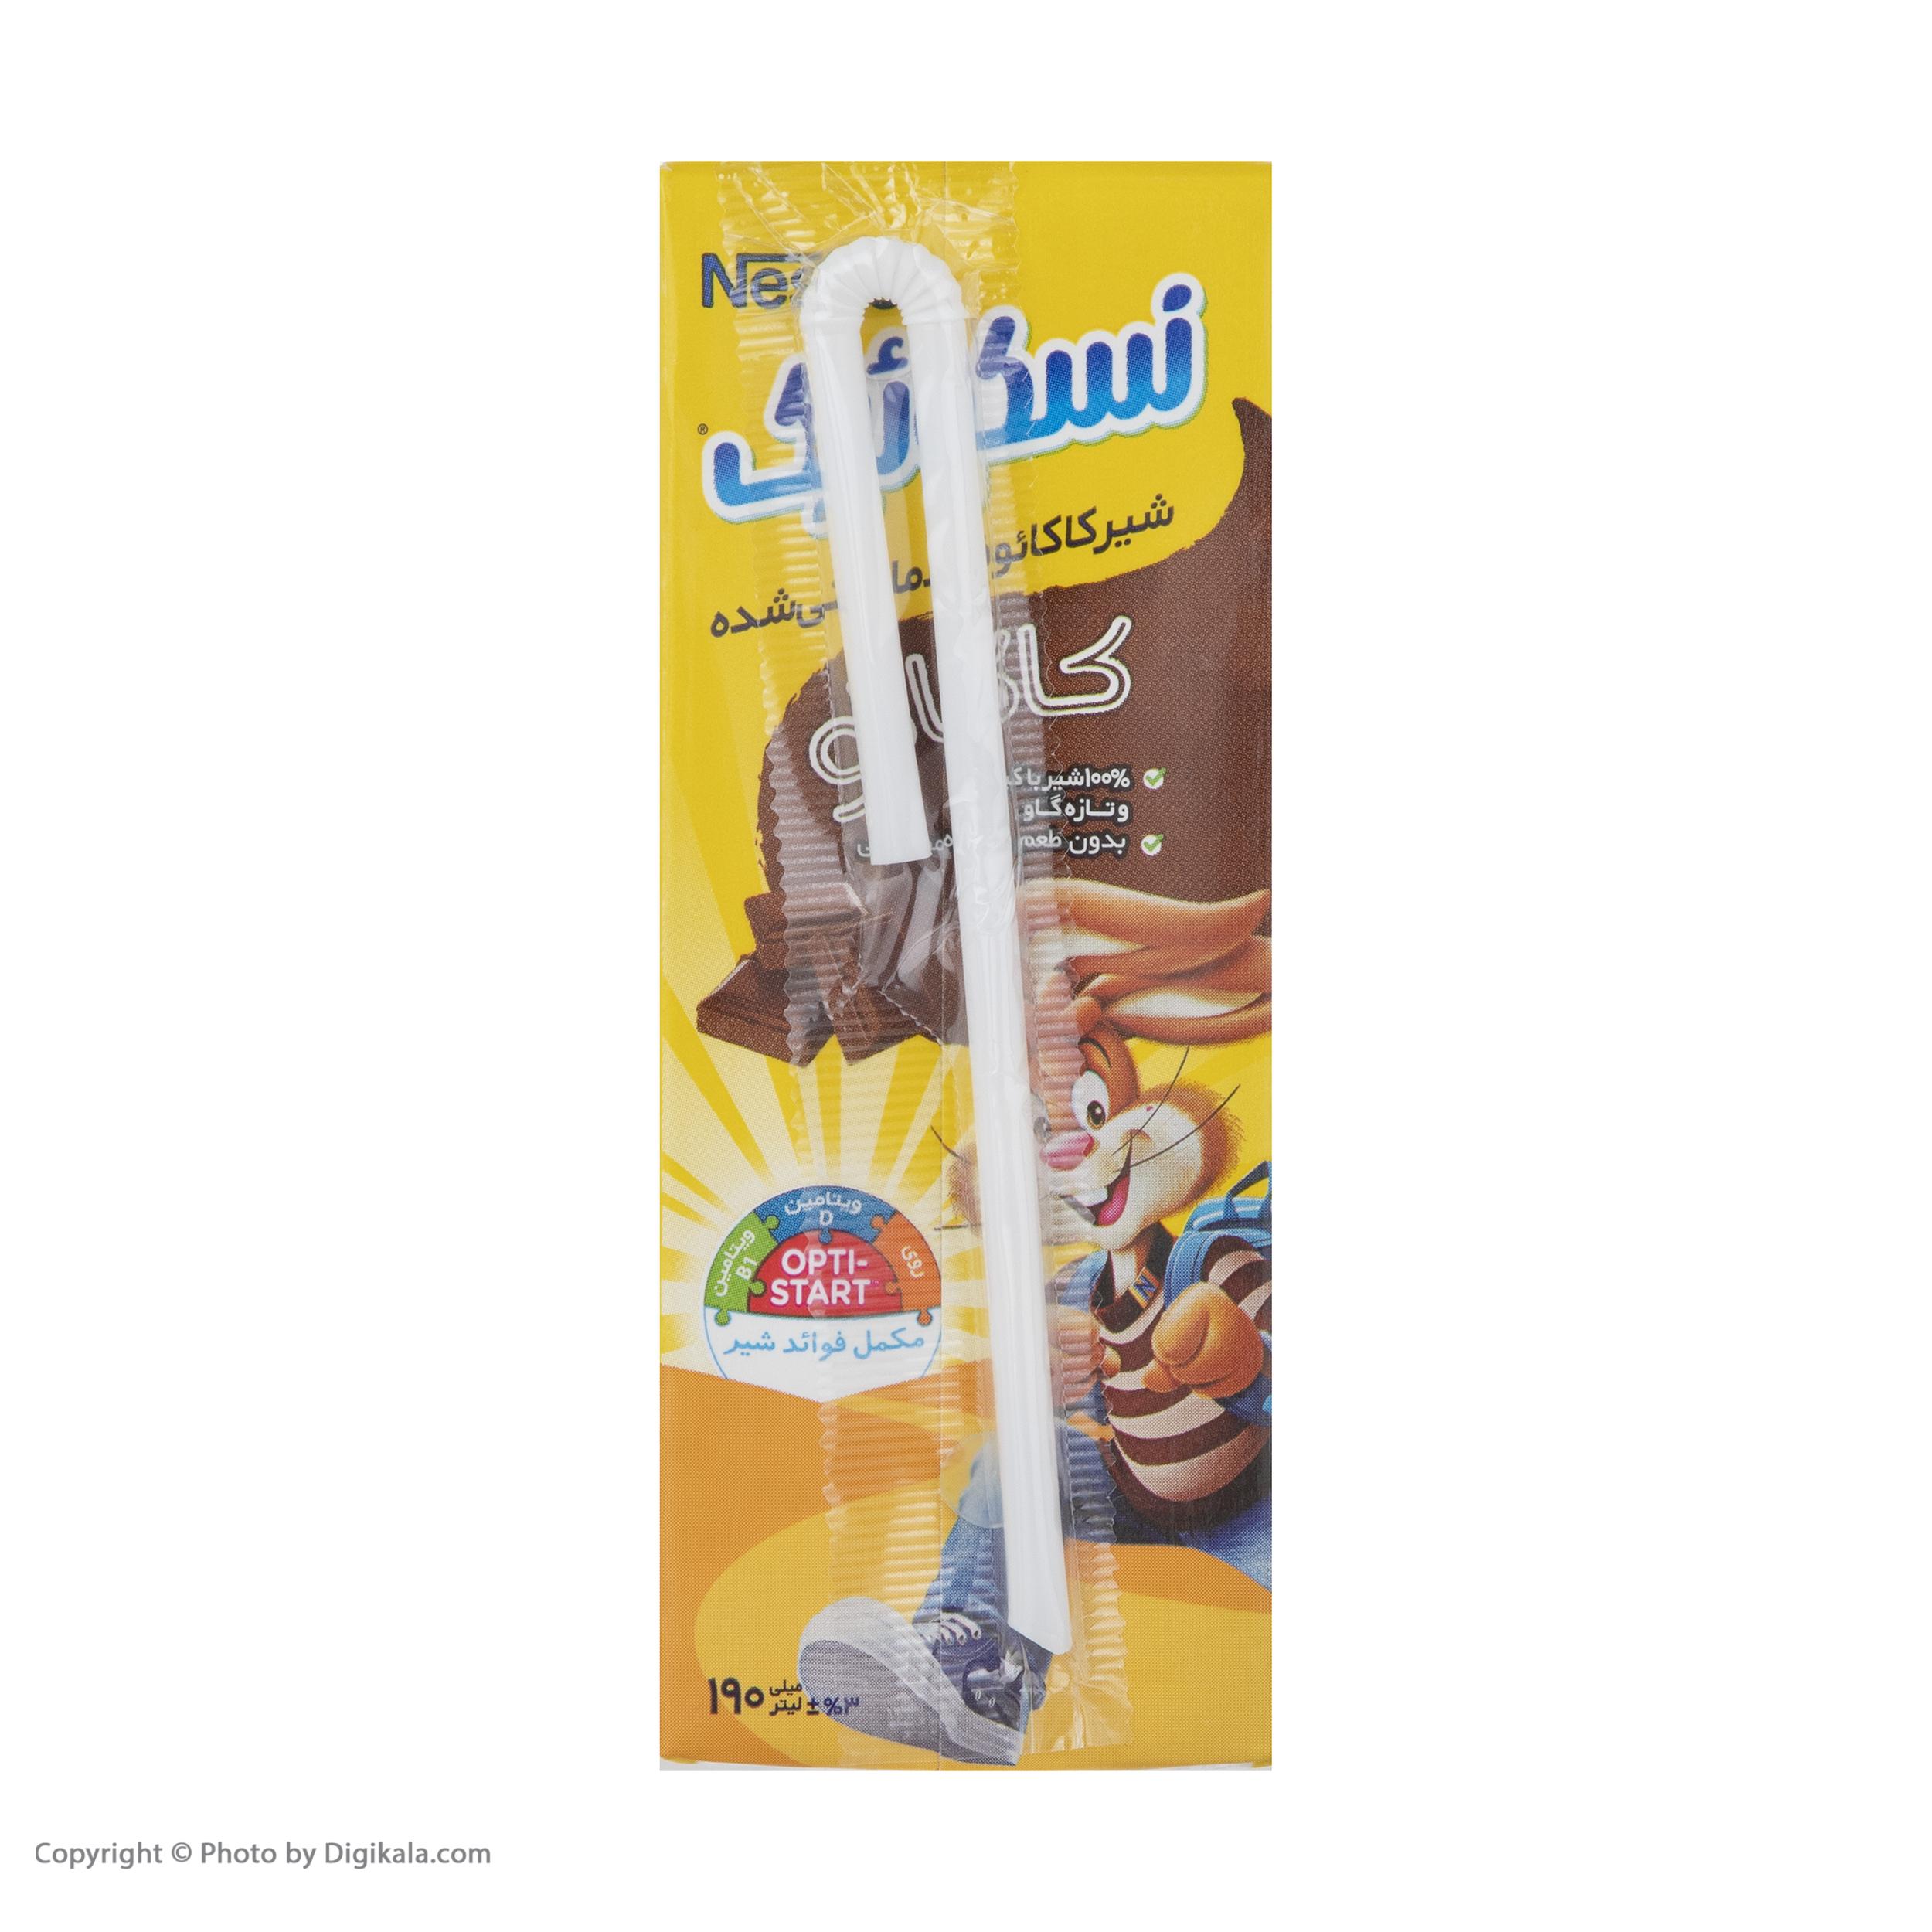 شیرکاکائو و شیر موز نسکوییک - 190 میلی لیتر مجموعه 6 عددی